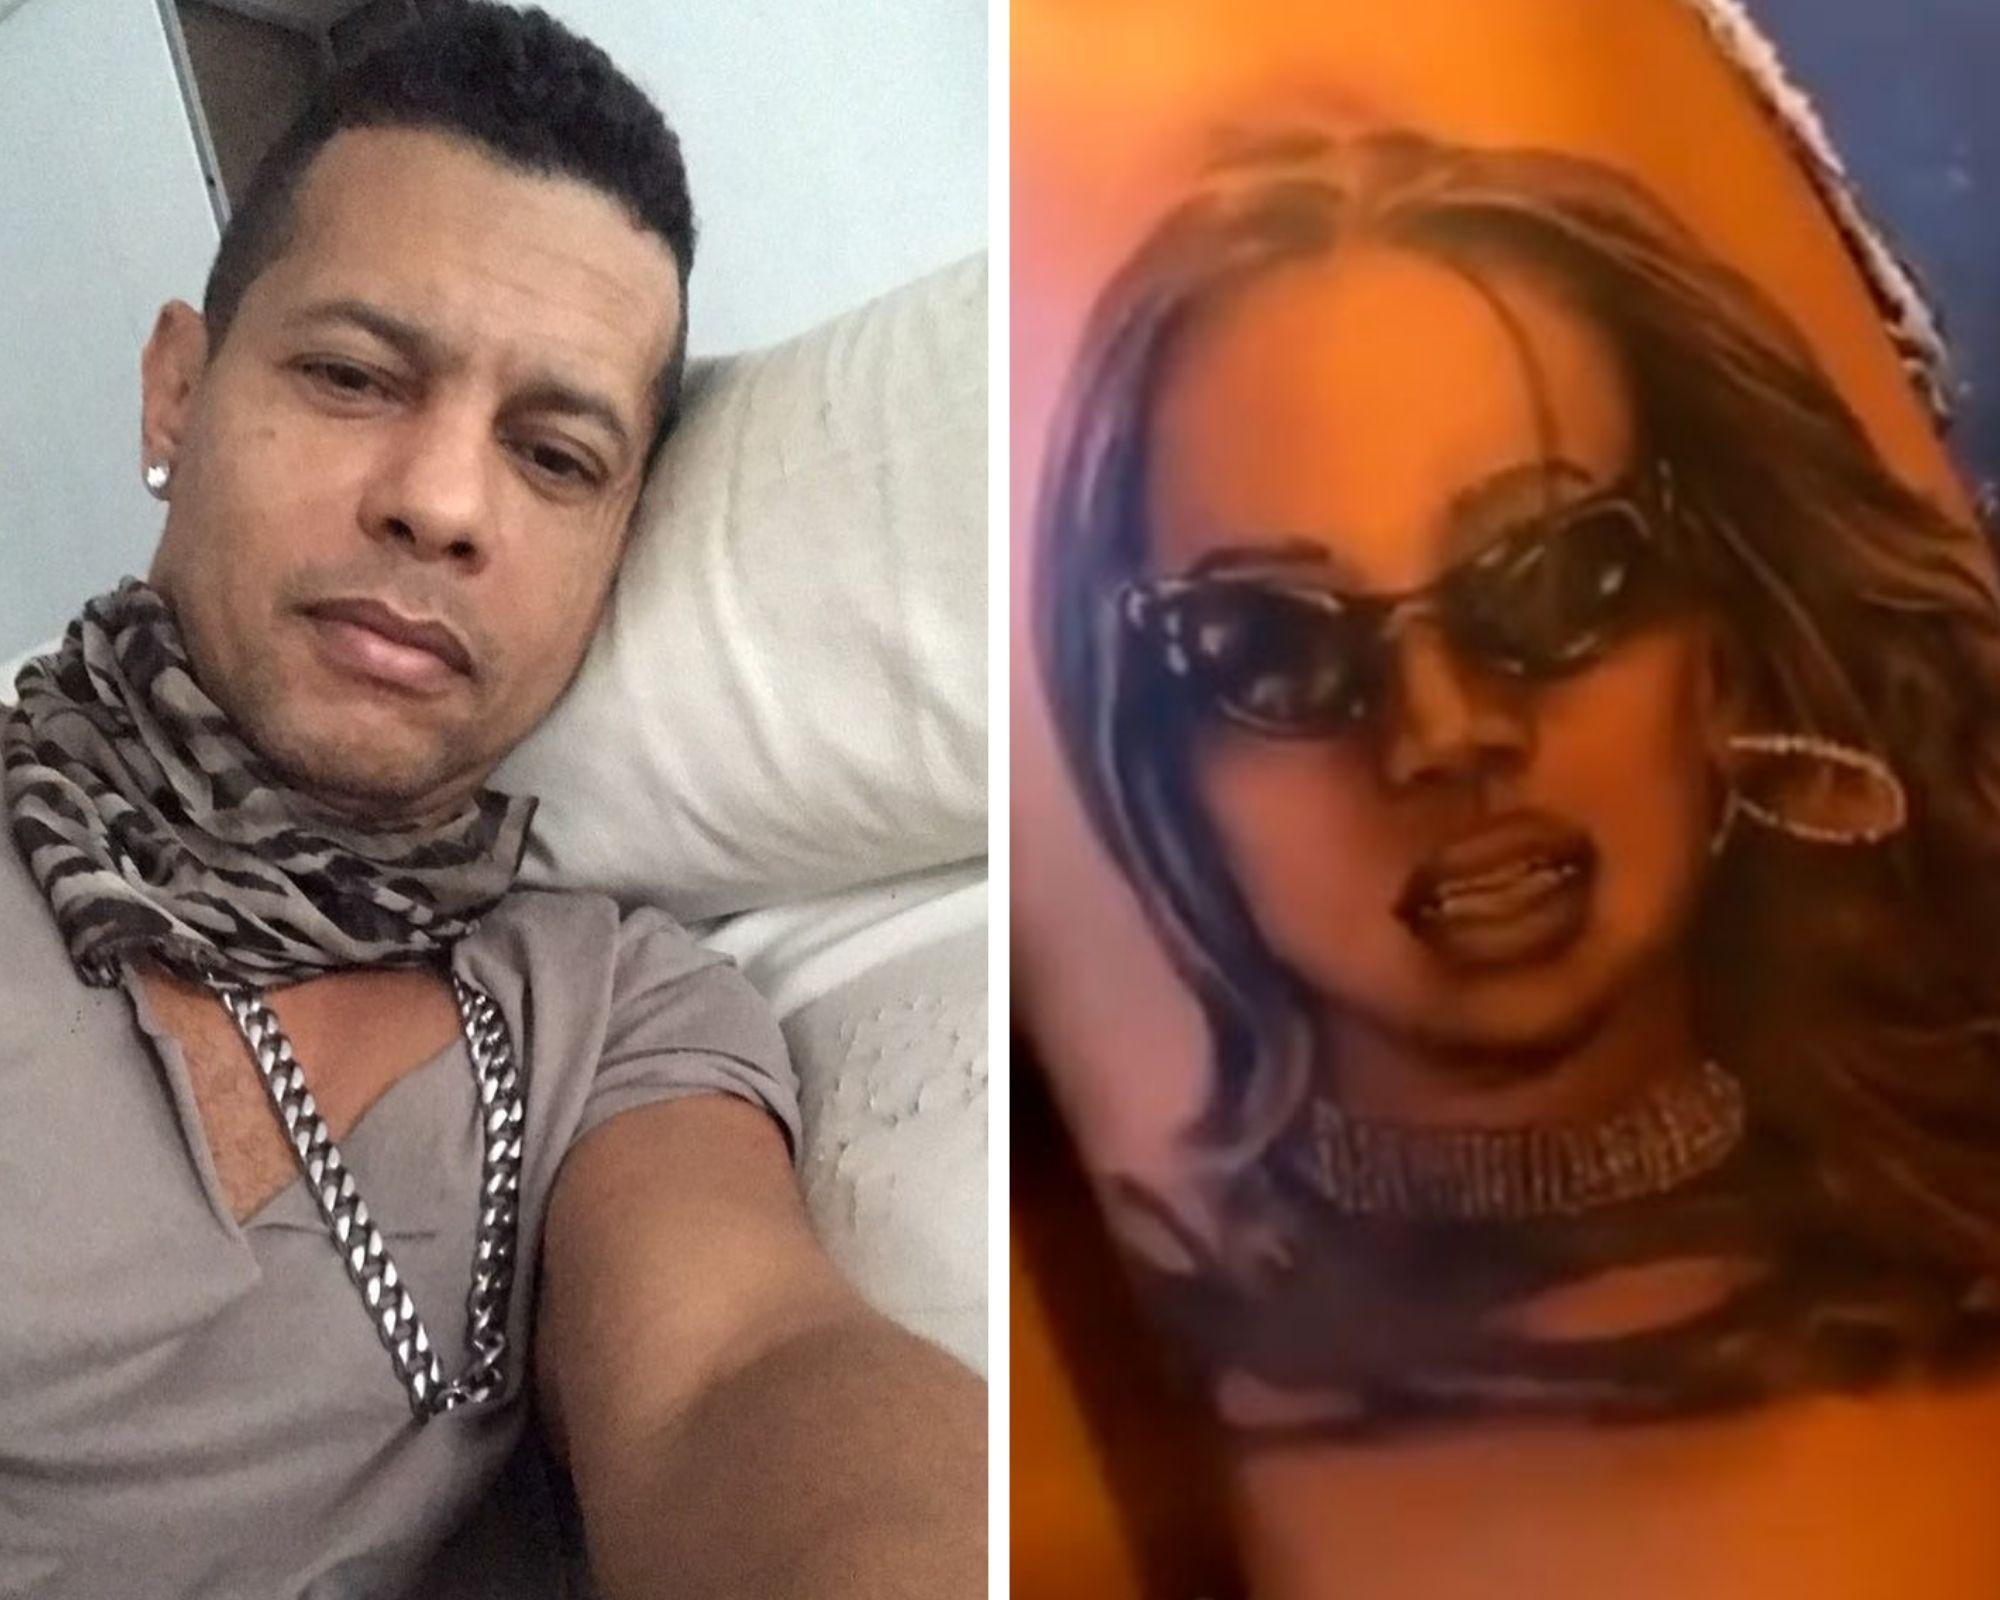 Funkeiro Que Tatuou O Rosto De Anitta Diz Que Vai Cobrir Desenho Quem Quem News A carreira de cantor de funk surgiu por uma brincadeira. de anitta diz que vai cobrir desenho